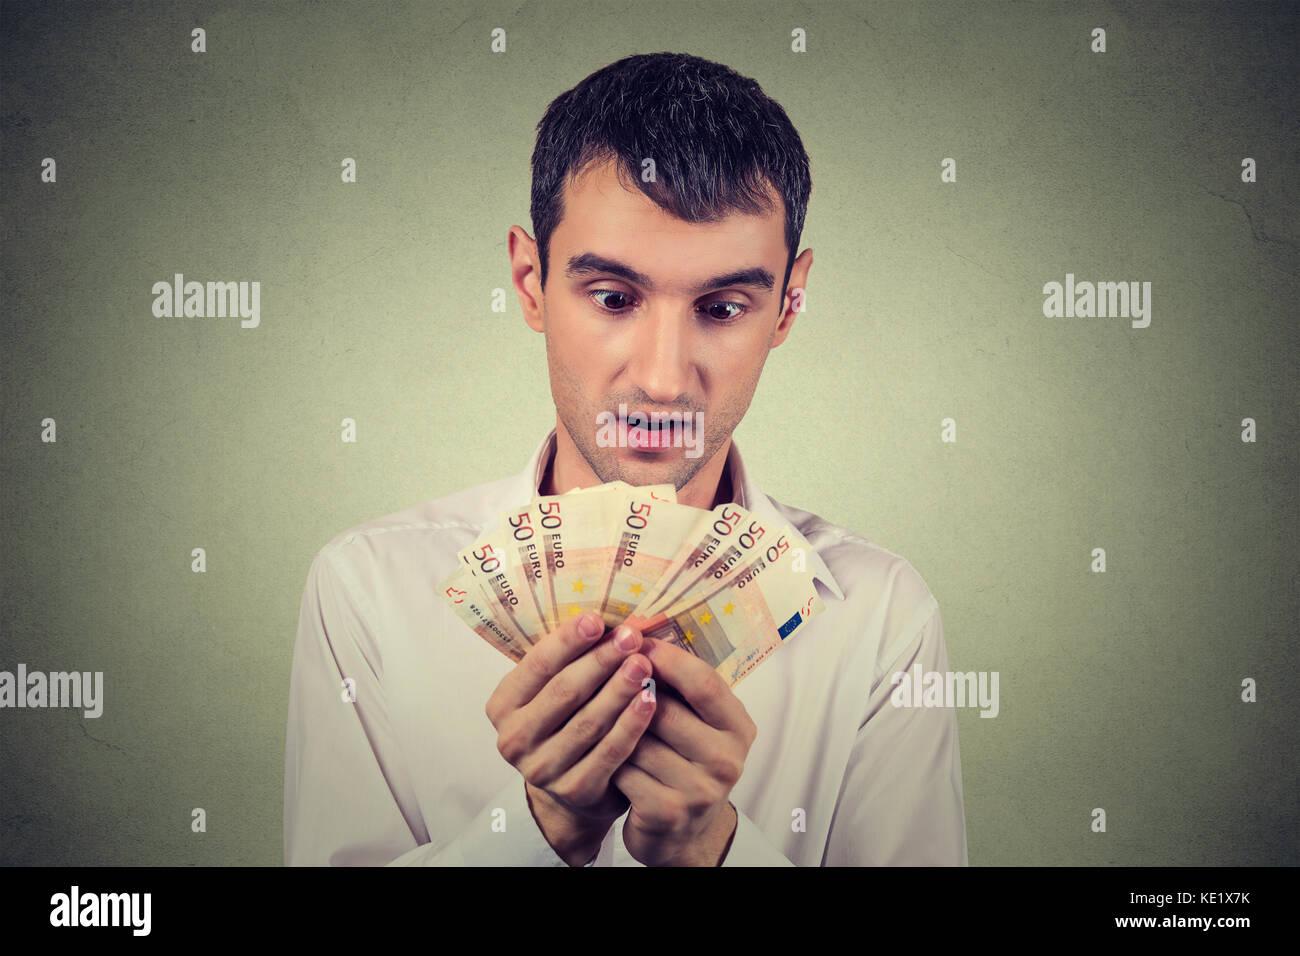 Joven Hombre de negocios codicioso contando dinero Imagen De Stock